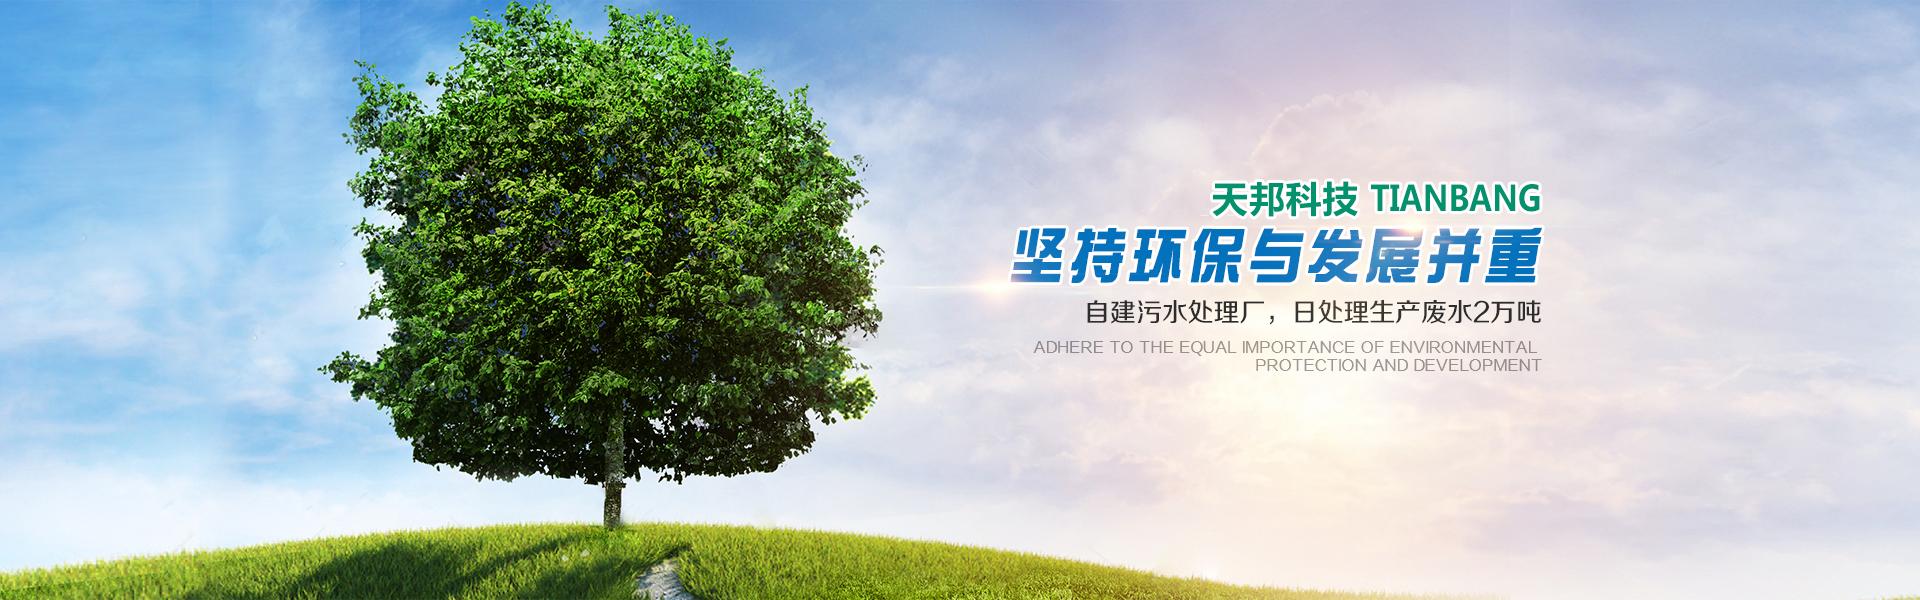 雷火电竞app官方-雷火电竞亚洲电竞先驱者